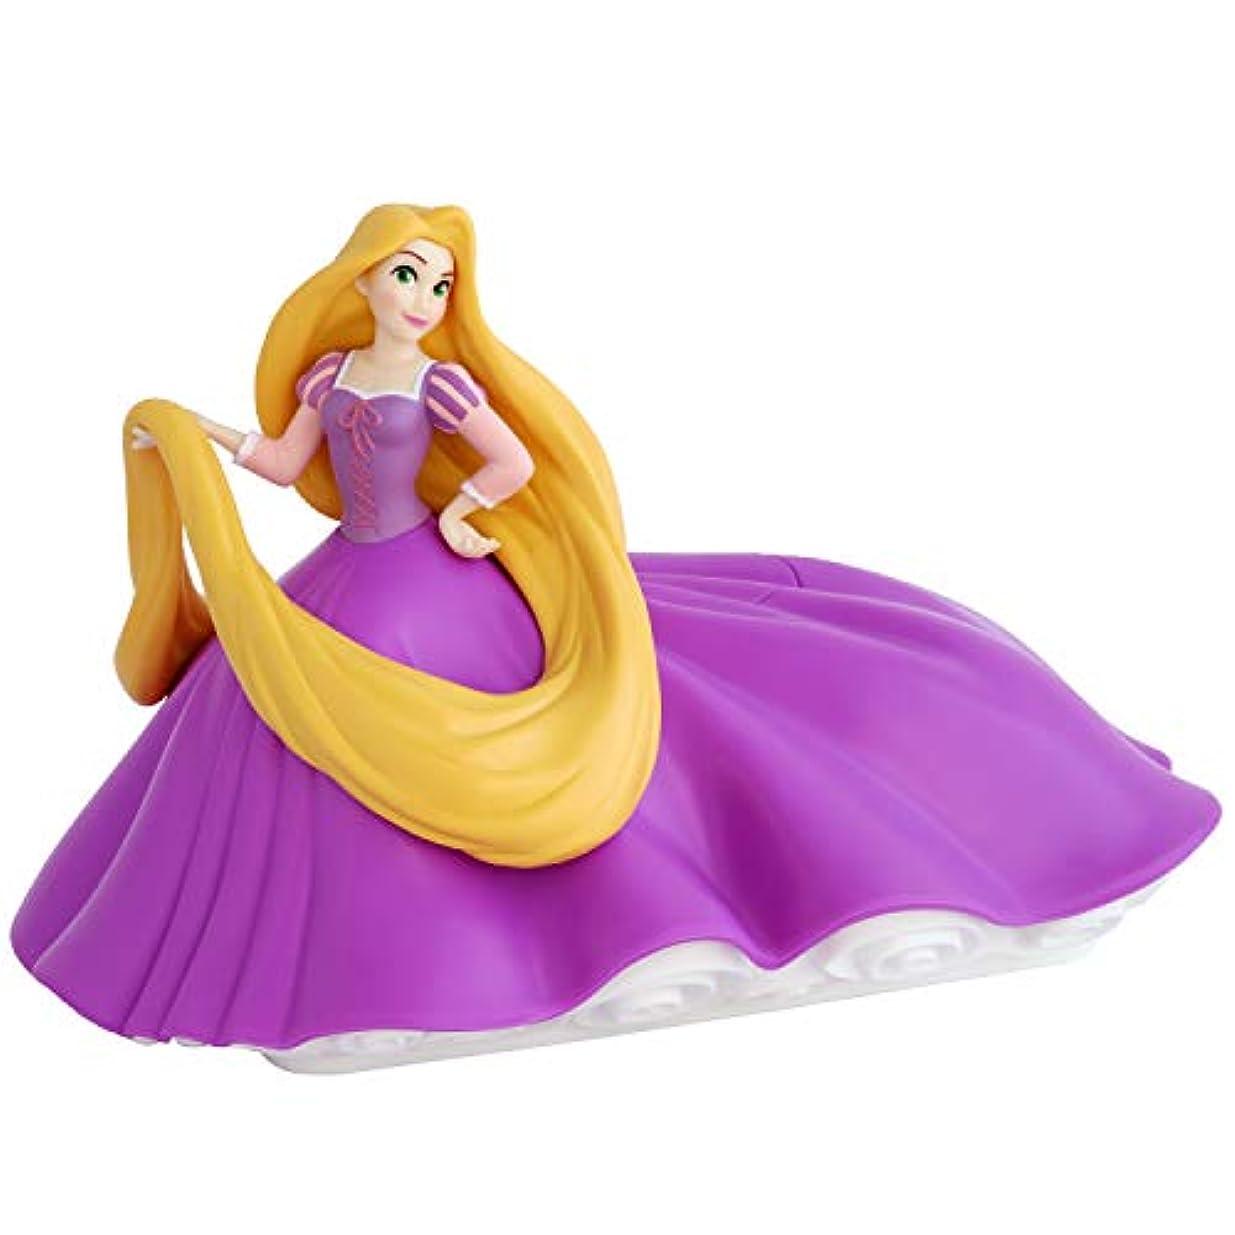 繁殖スラッシュ連隊ディズニープリンセス ラプンツェル ウエットティシュケース (Disney Princess Rapunzel)